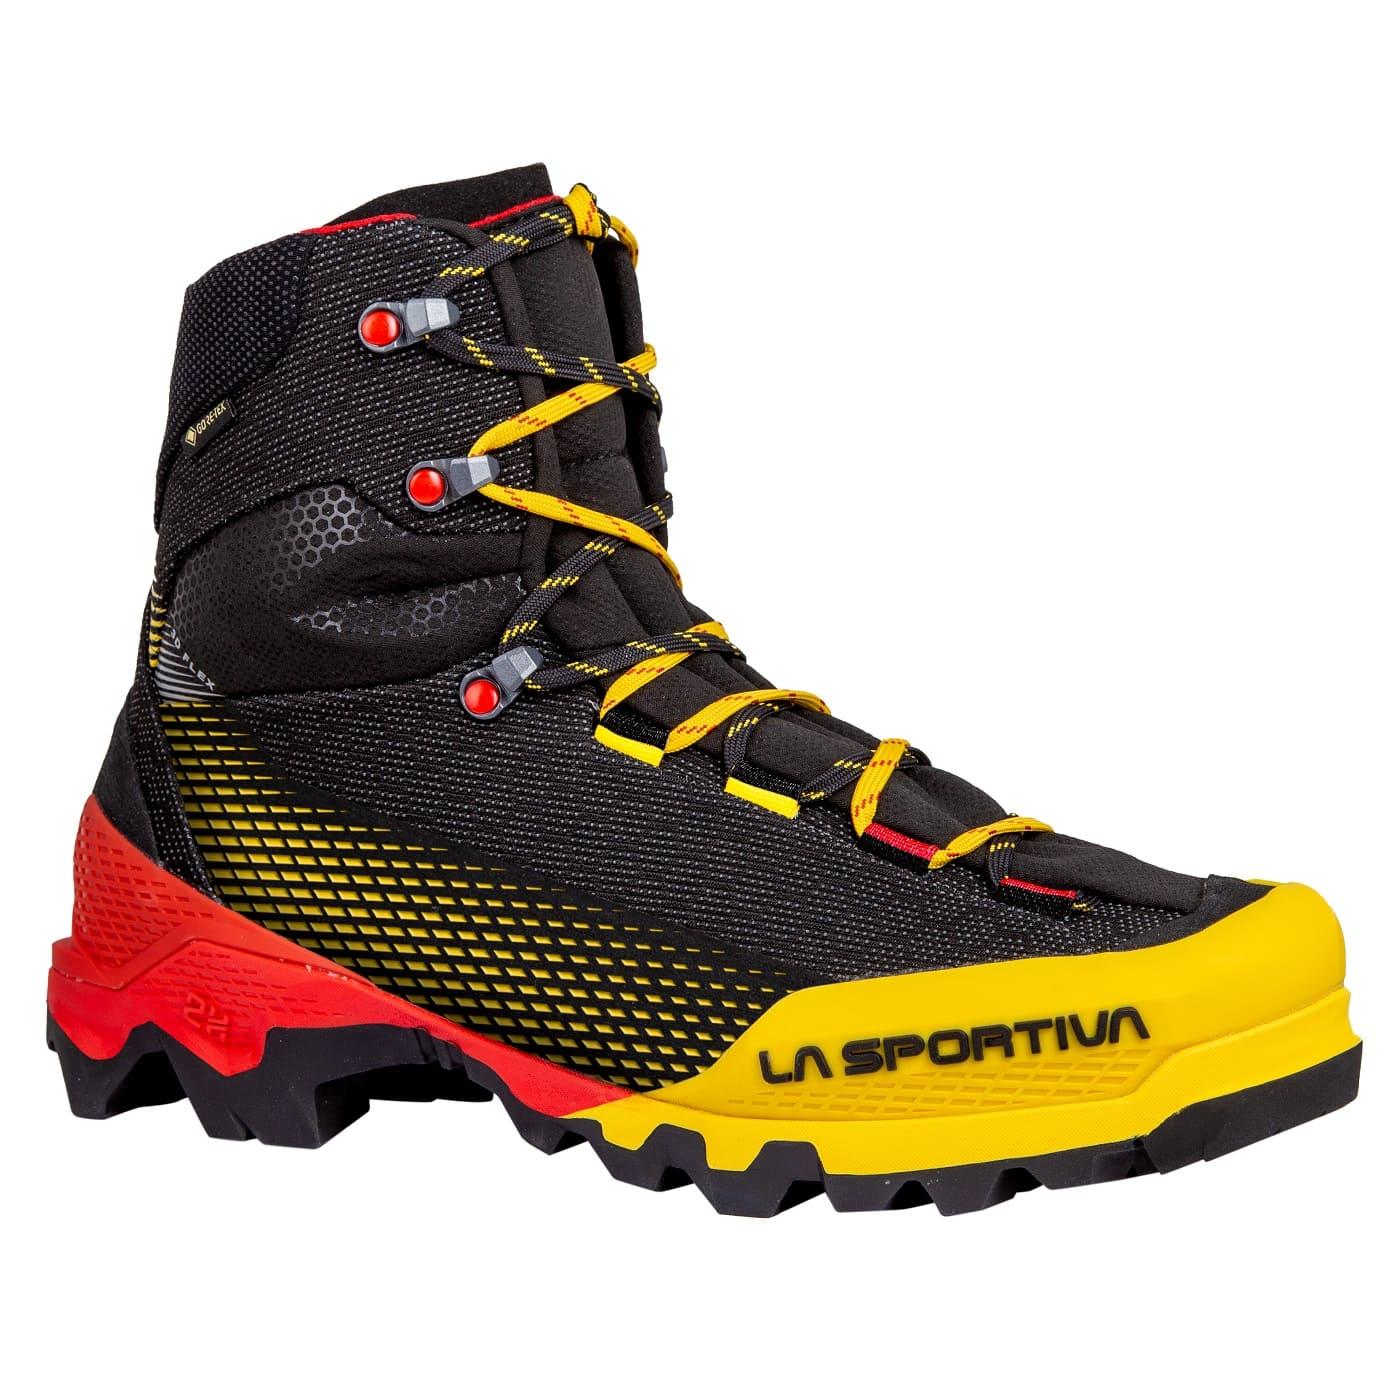 La Sportiva Aequilibrium ST GTX Black/Yellow - 43,5